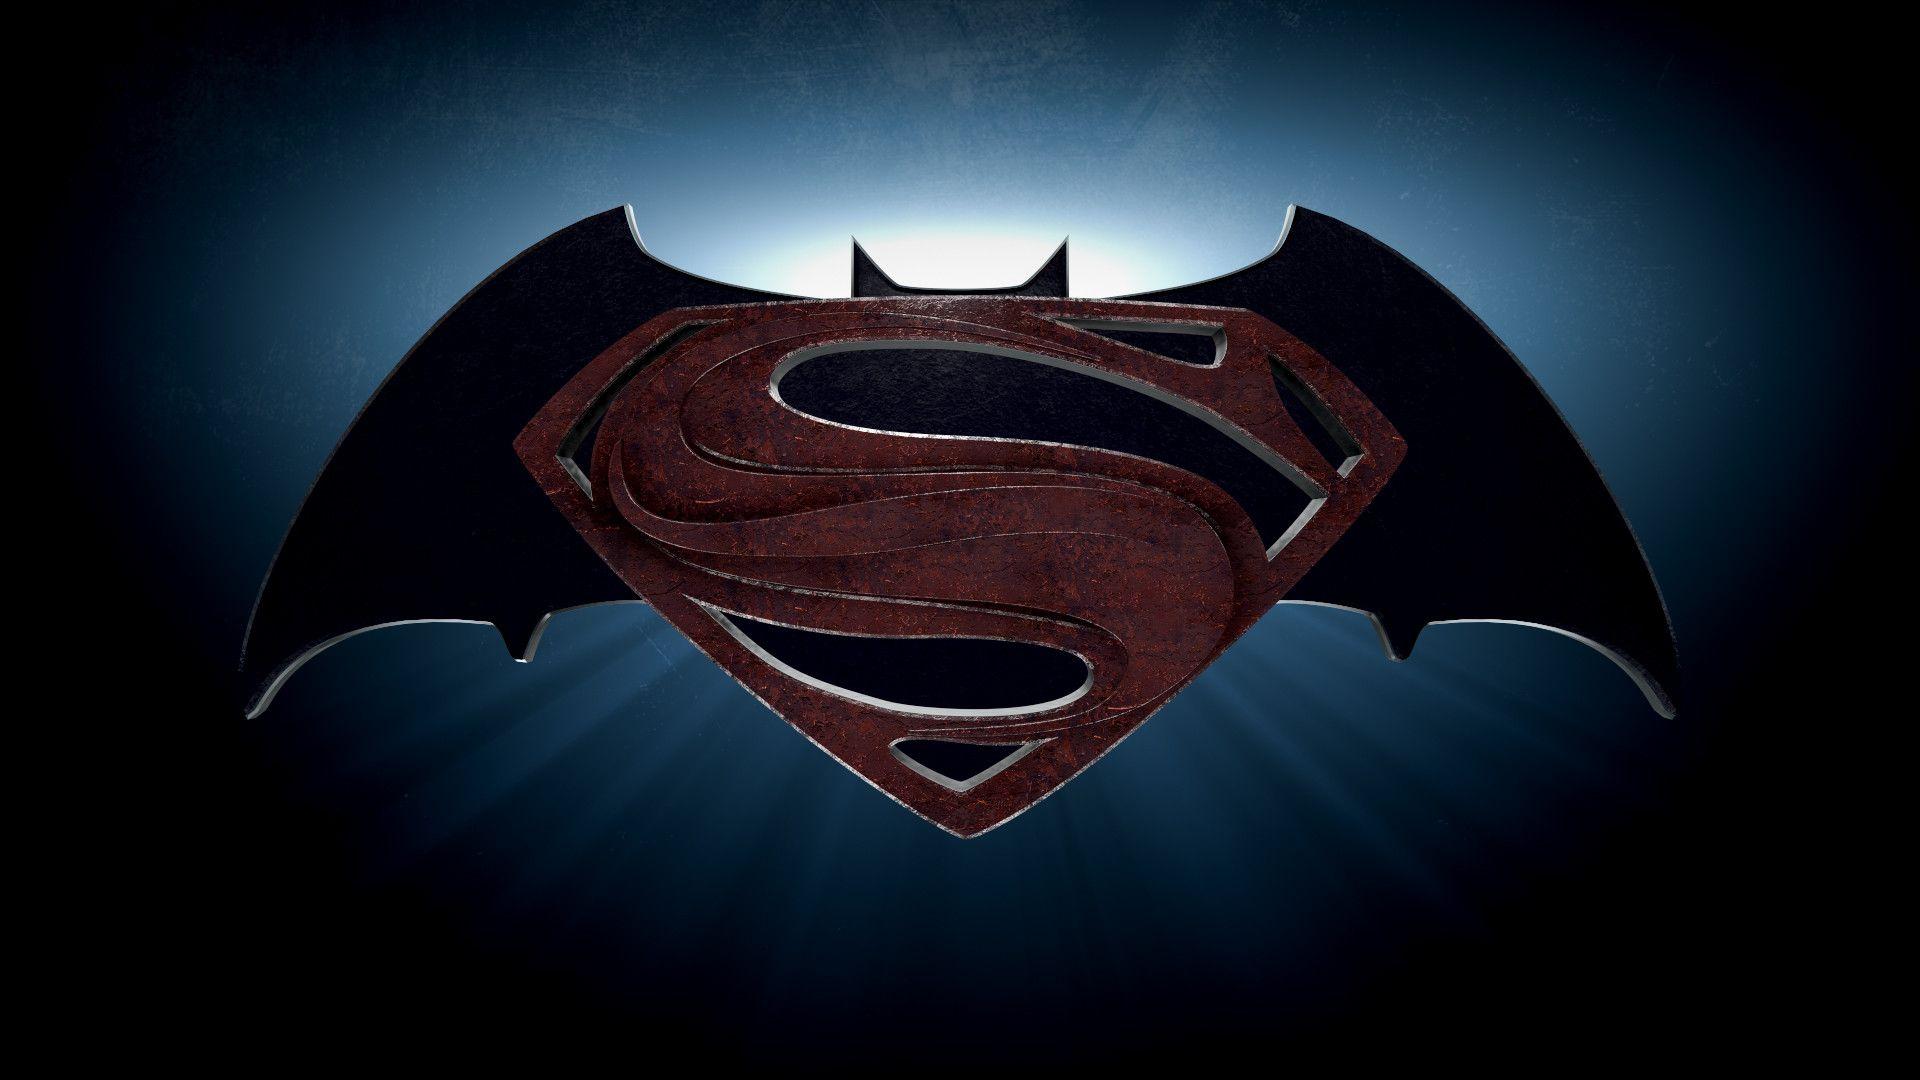 Batman Vs Superman Logo Wallpaper 5143 Frenzia Com Superman Hd Wallpaper Superman Wallpaper Superman Wallpaper Logo